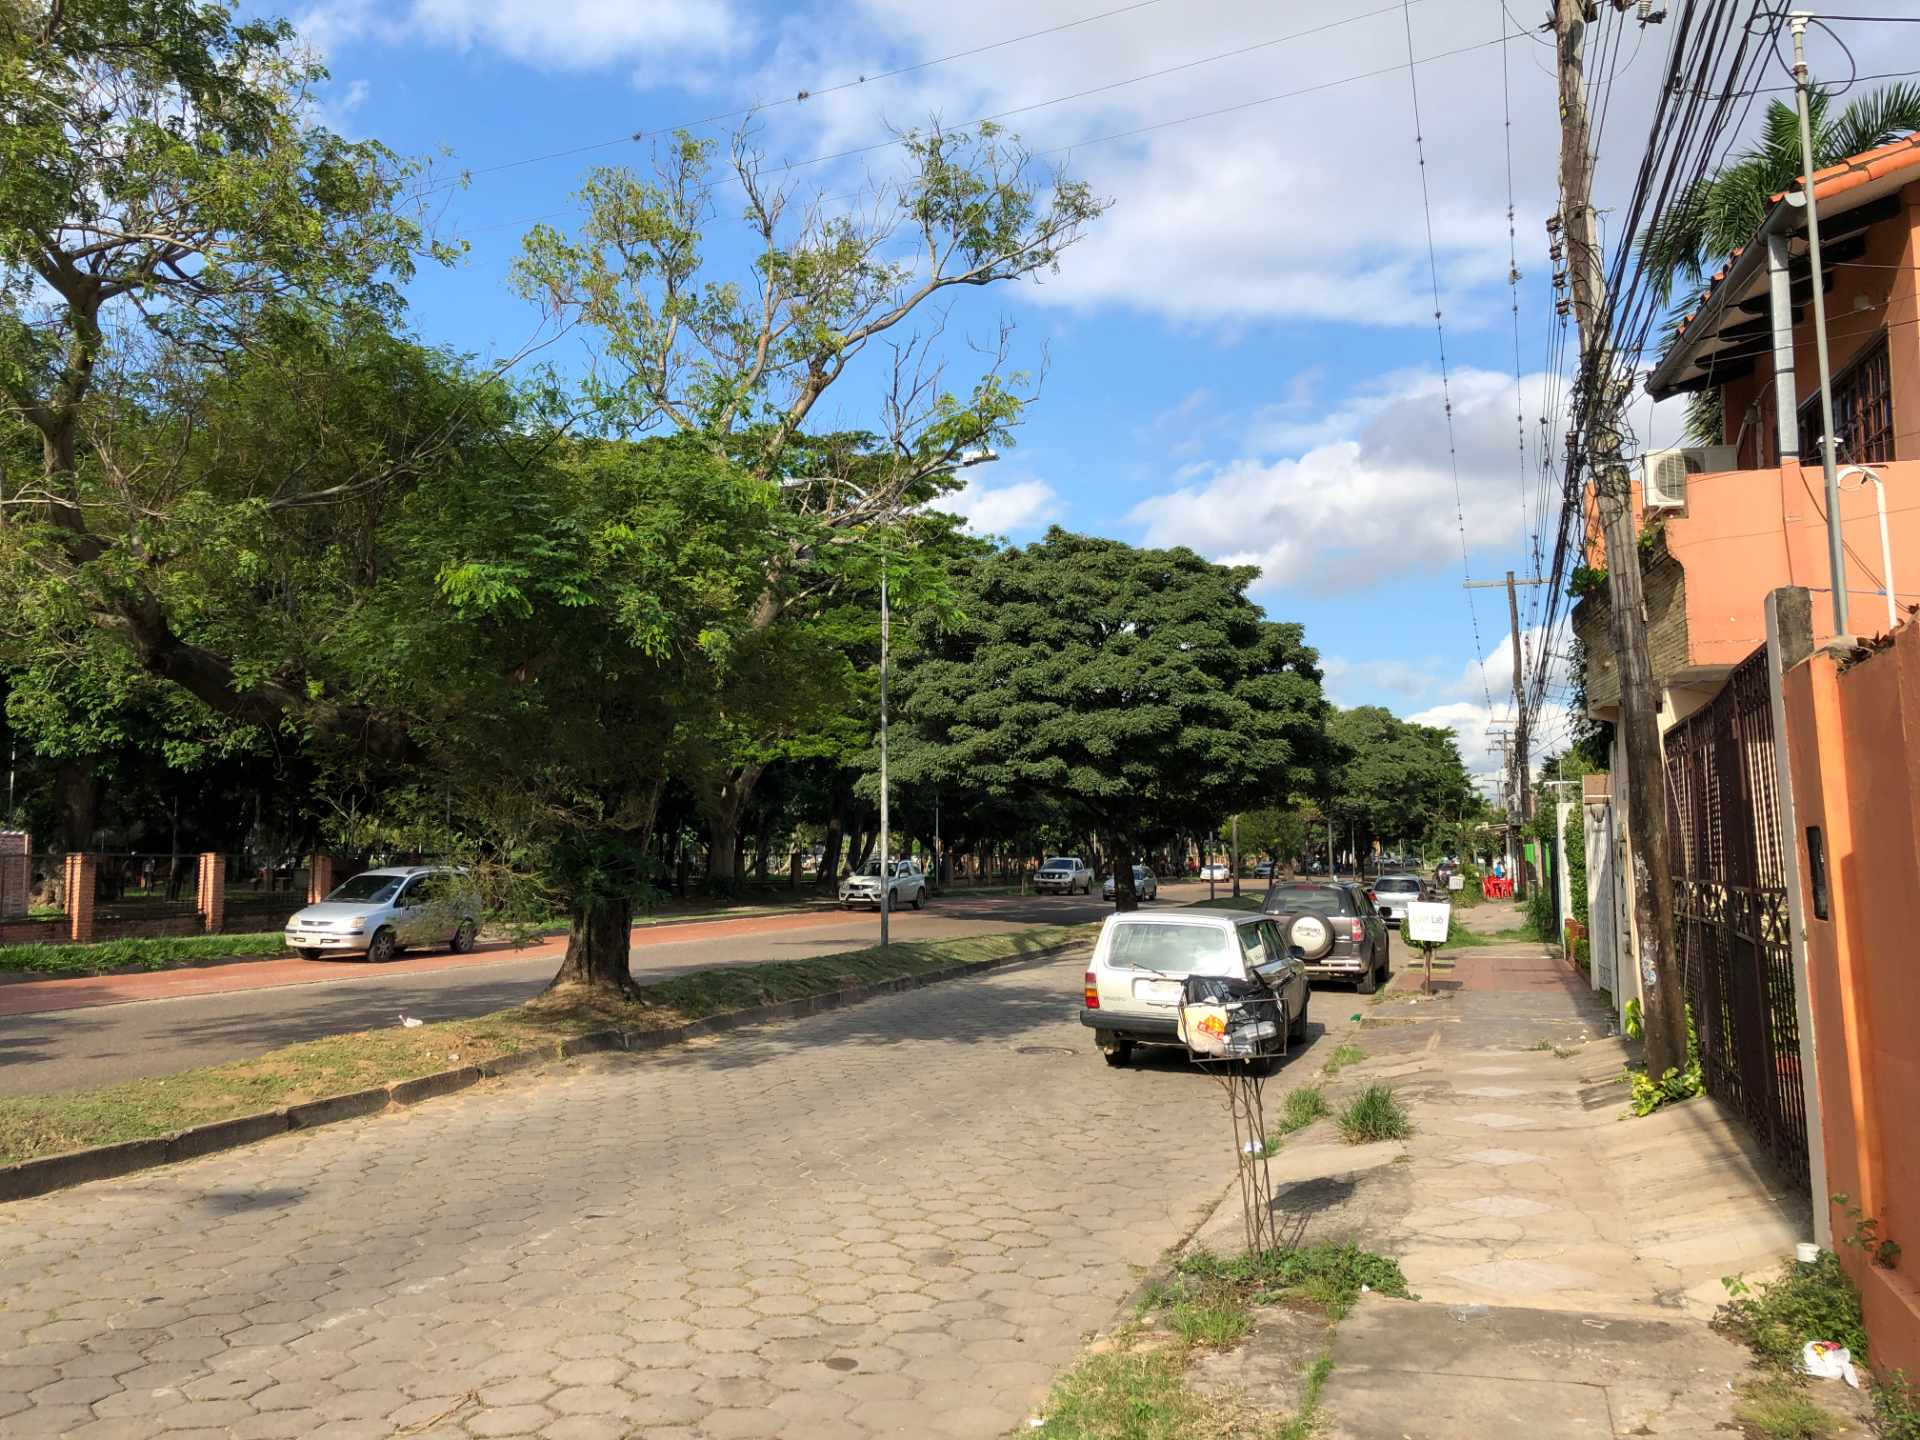 Terreno en Venta Avenida Teniente Cuellar frente al Parque Urbano Foto 4